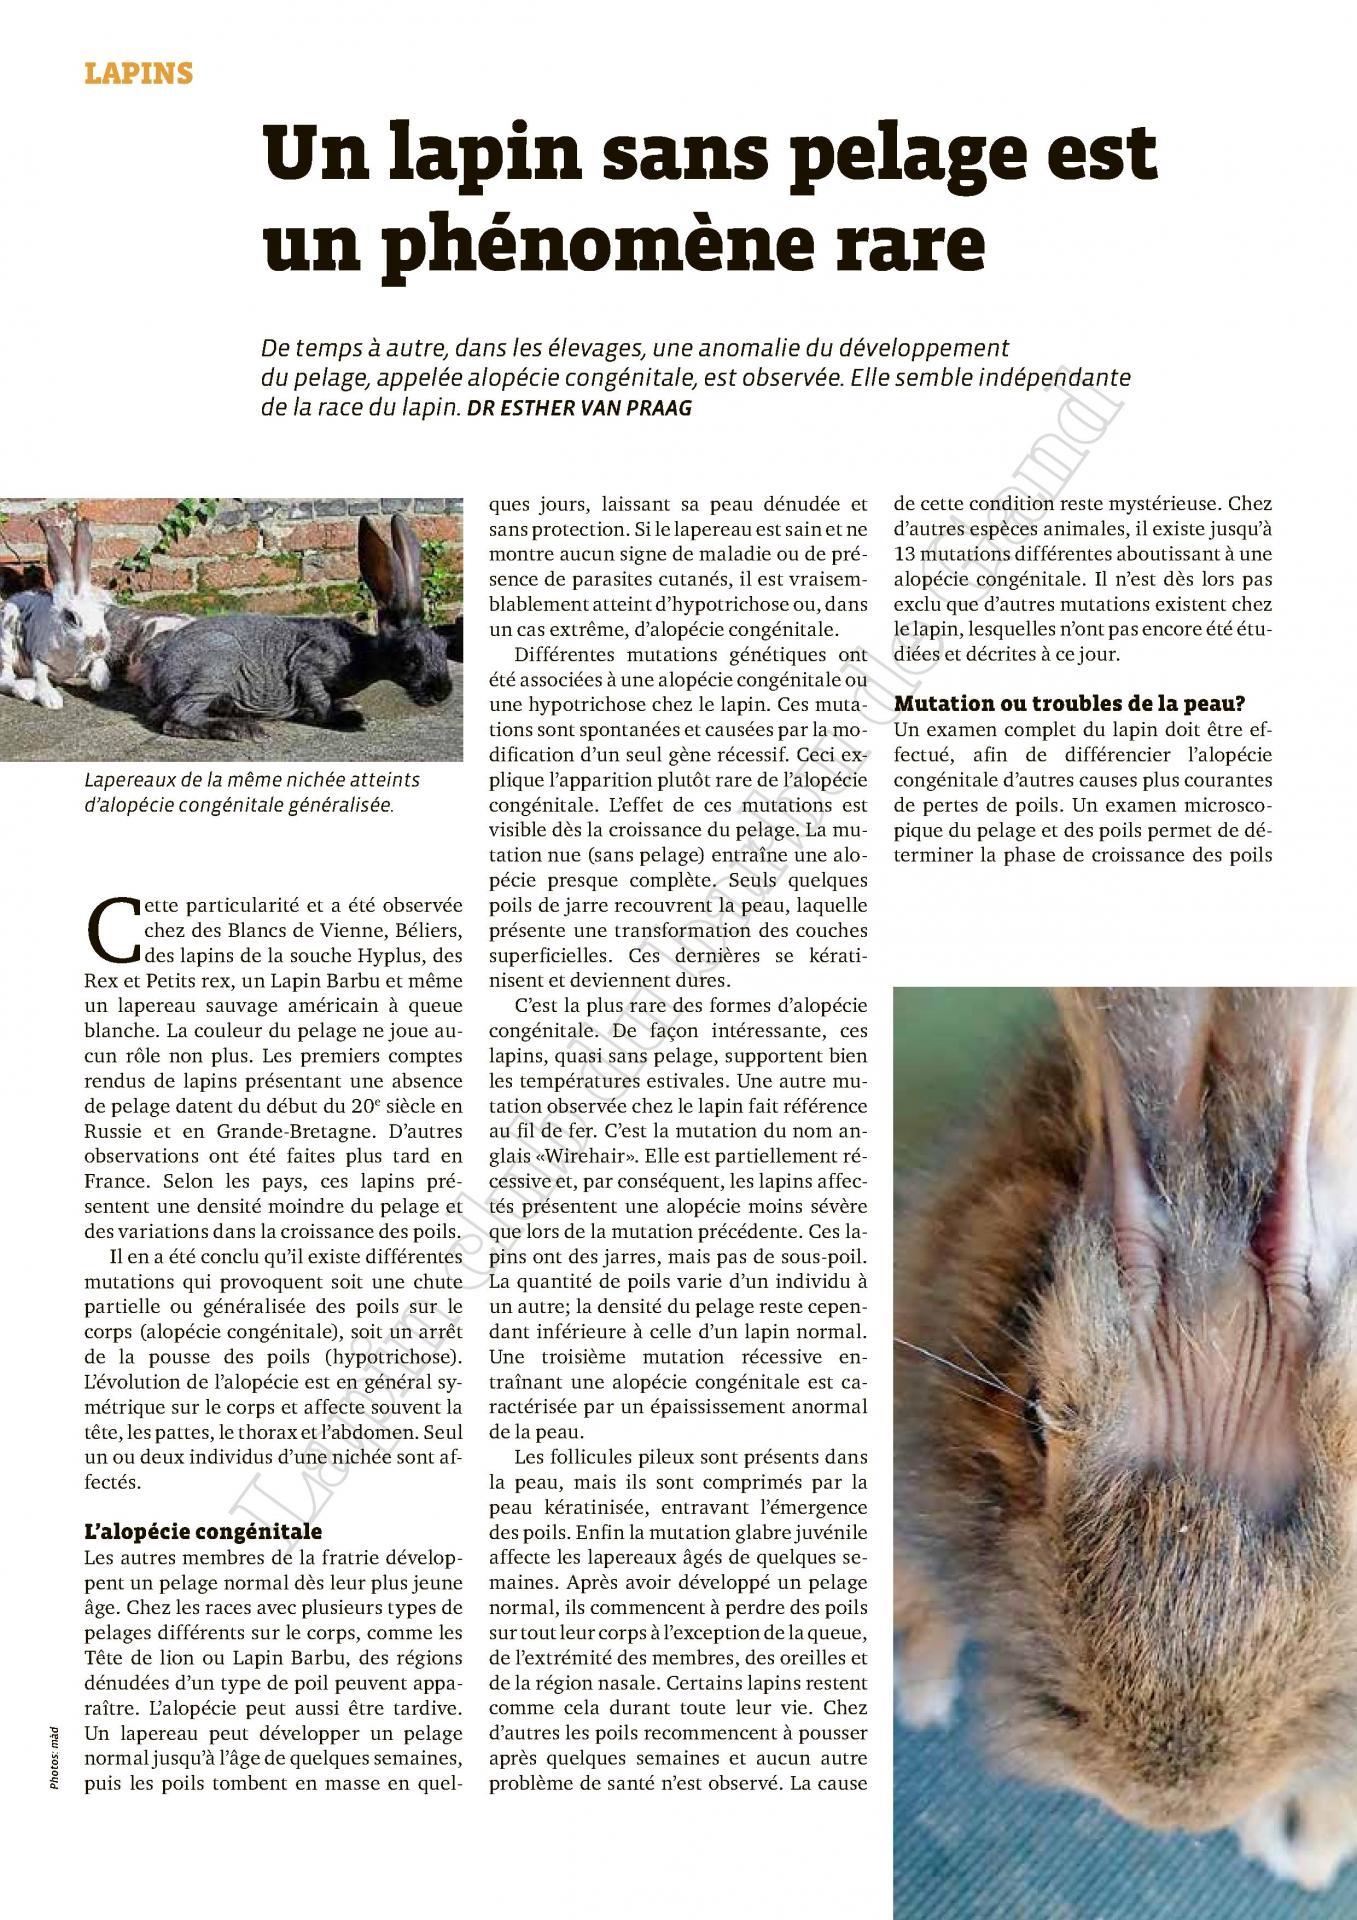 Un lapin sans pelage est un phenomene rare 1